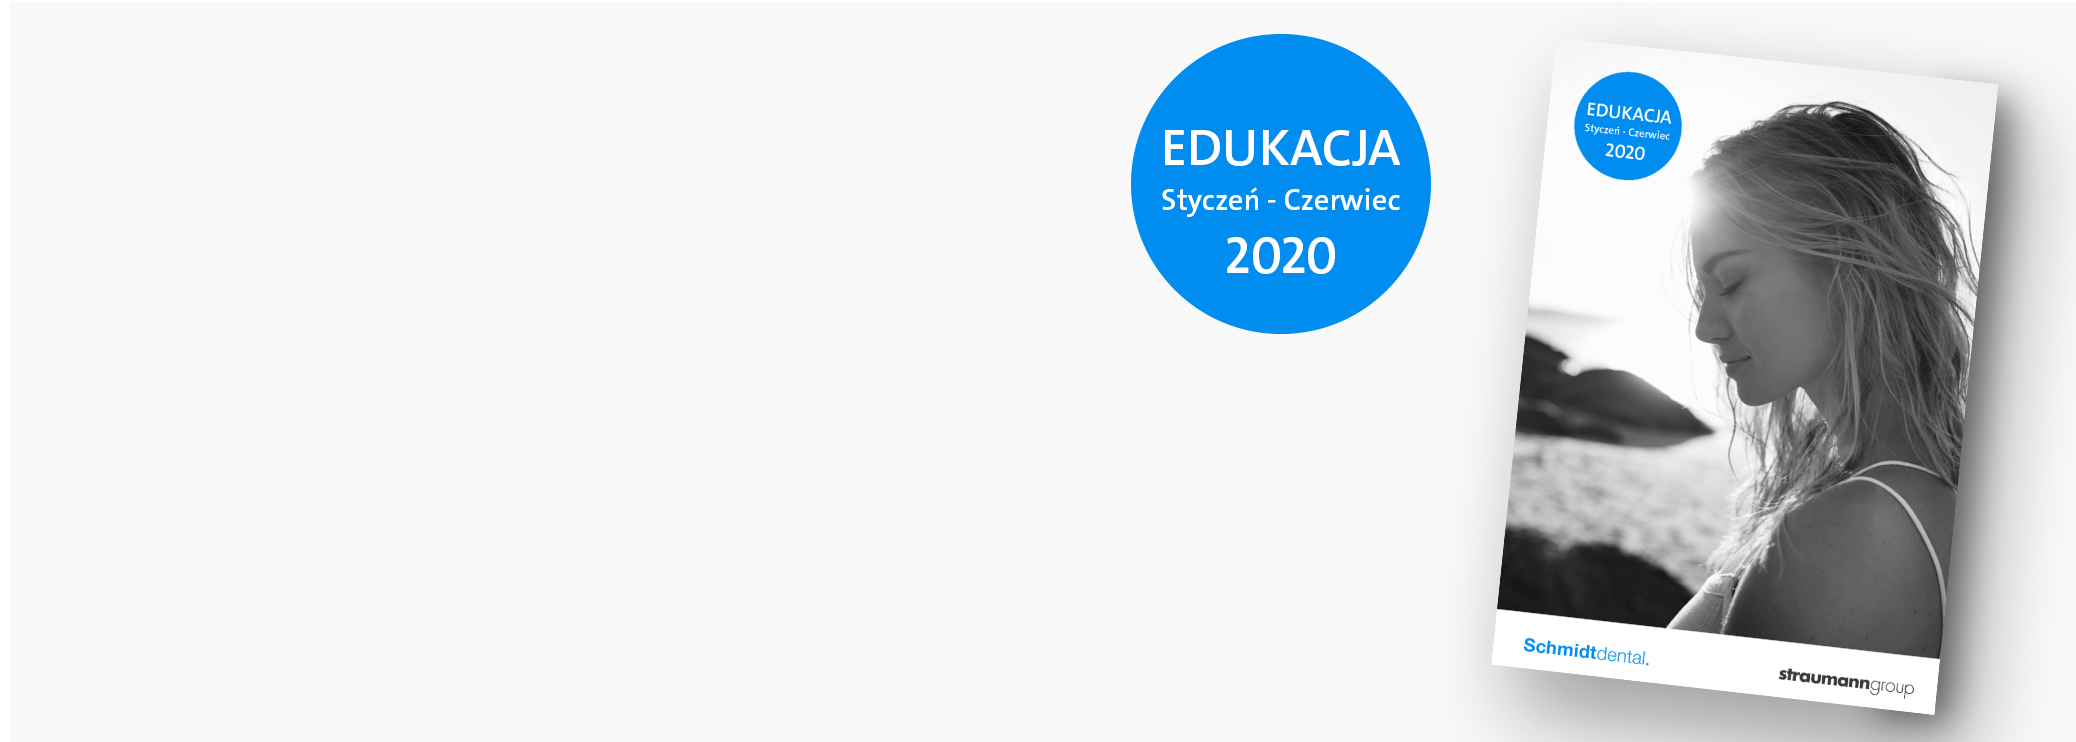 Edukacja 2020